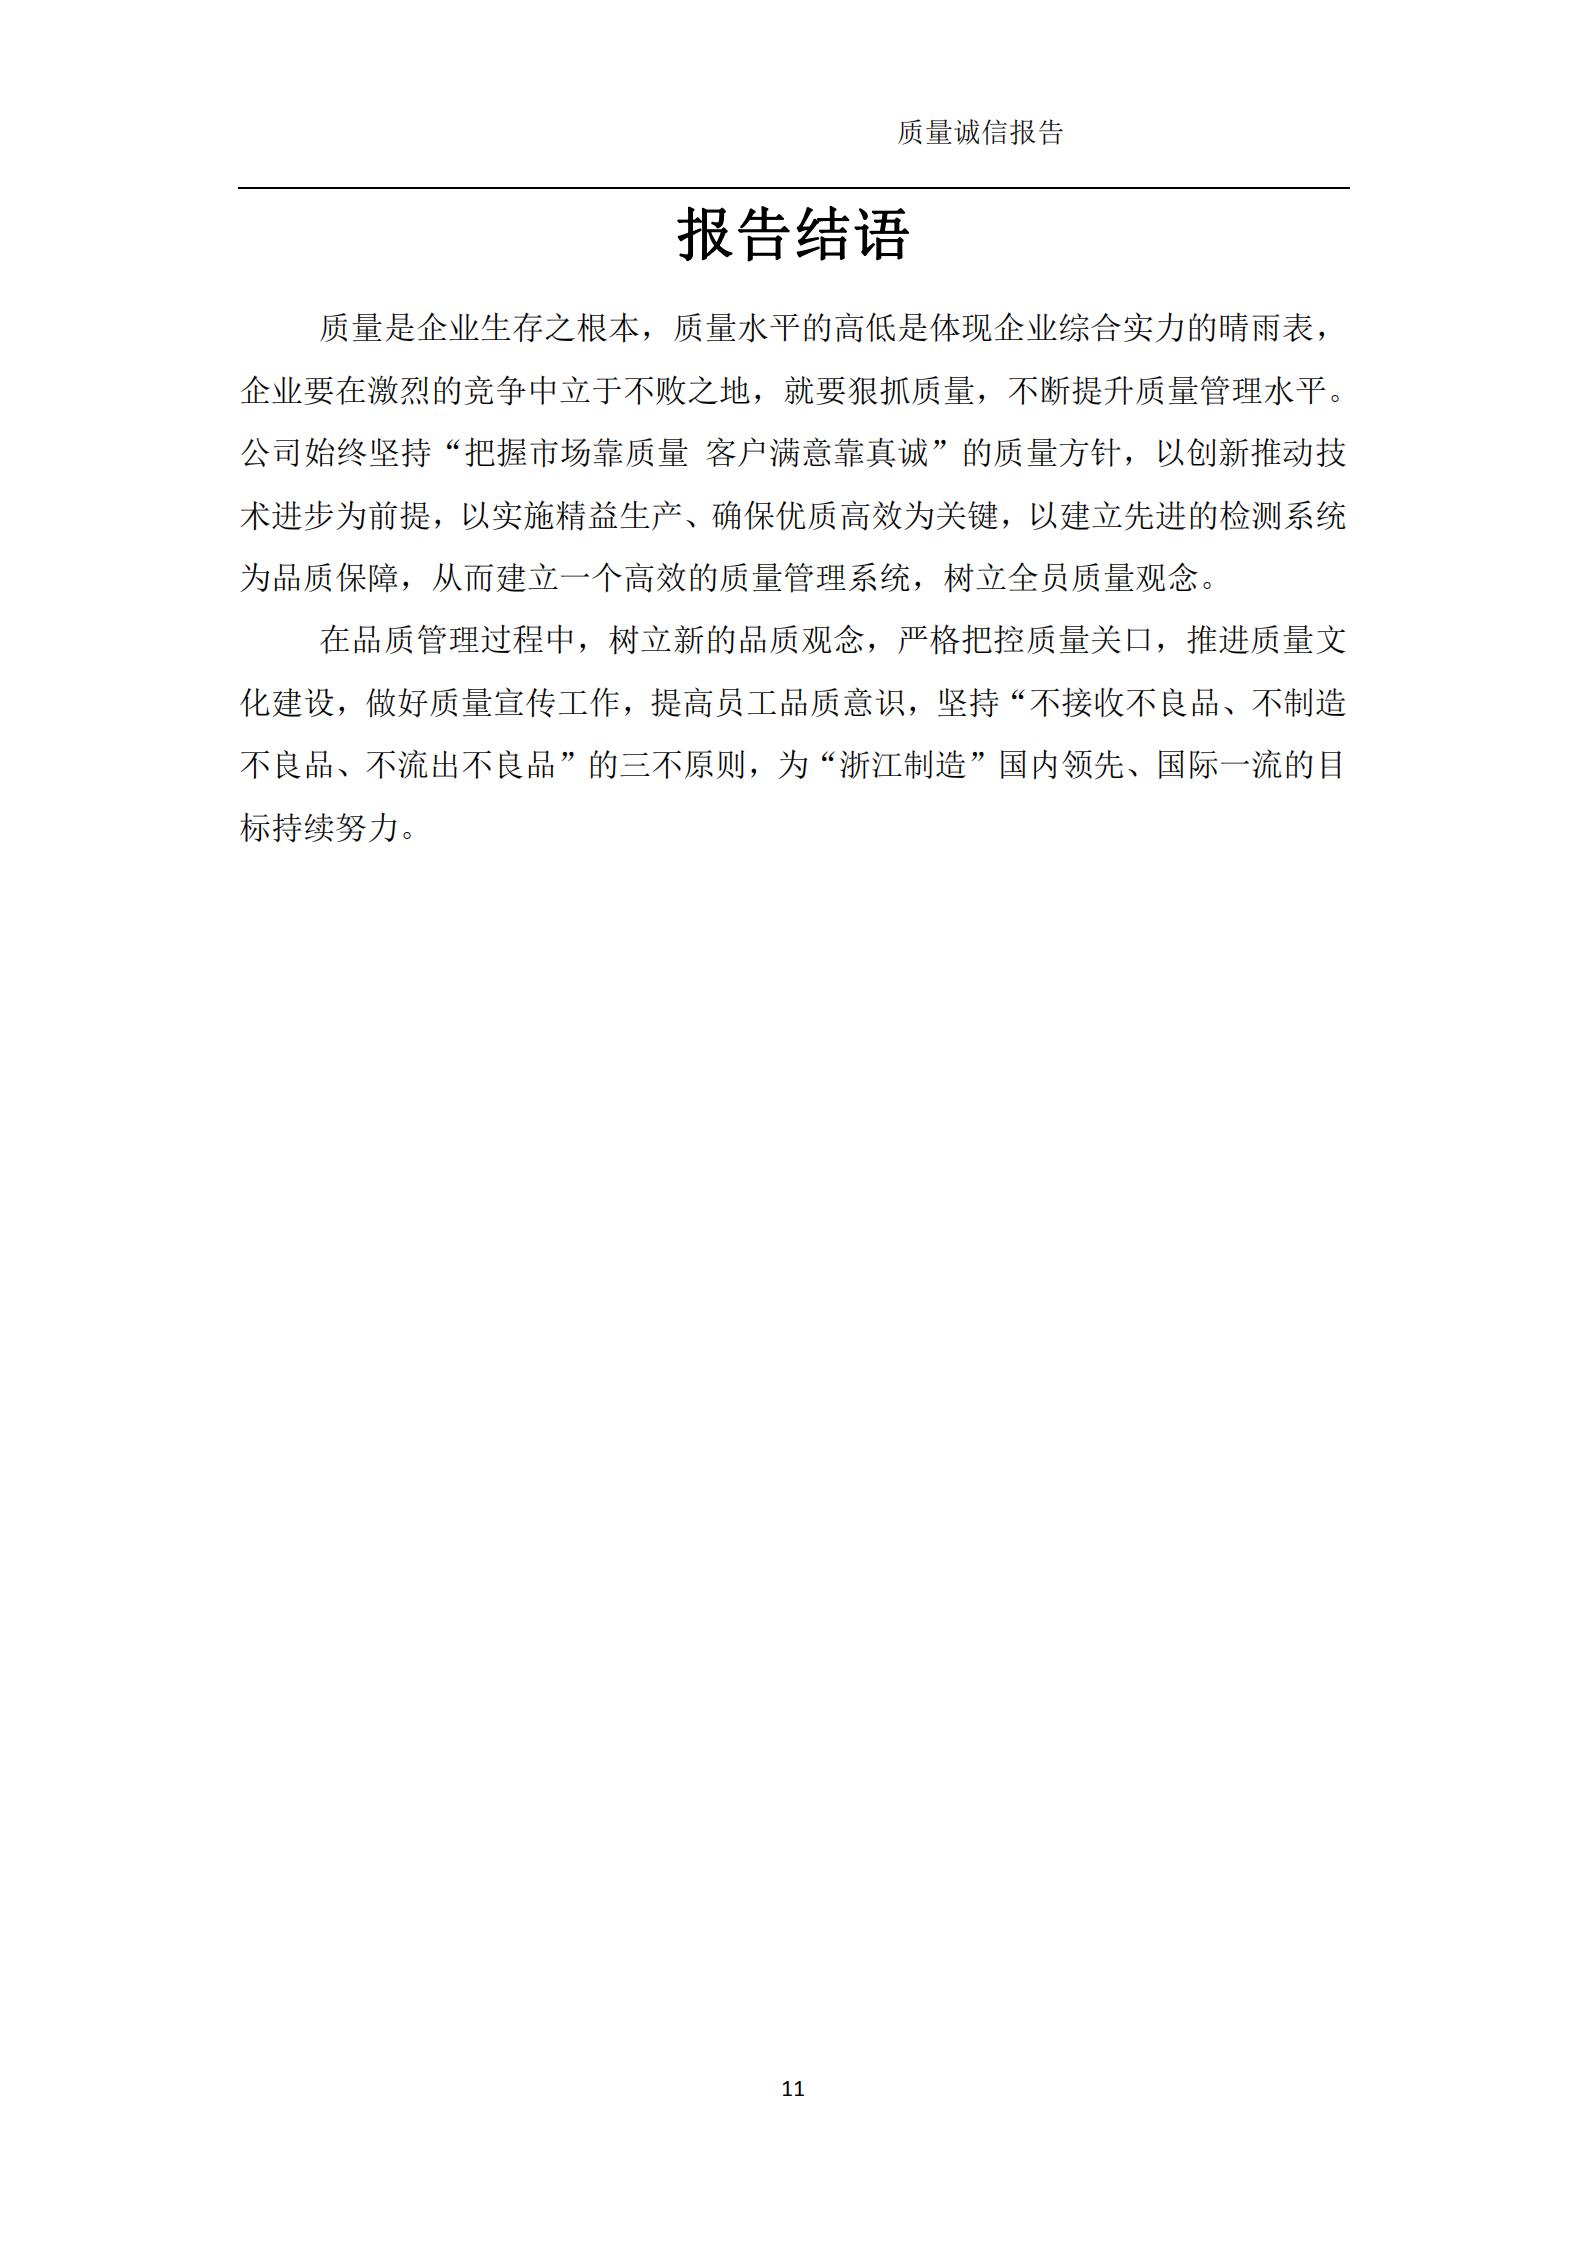 浙江新诚减速机科技有限公司-质量诚信报告(1)_12.png